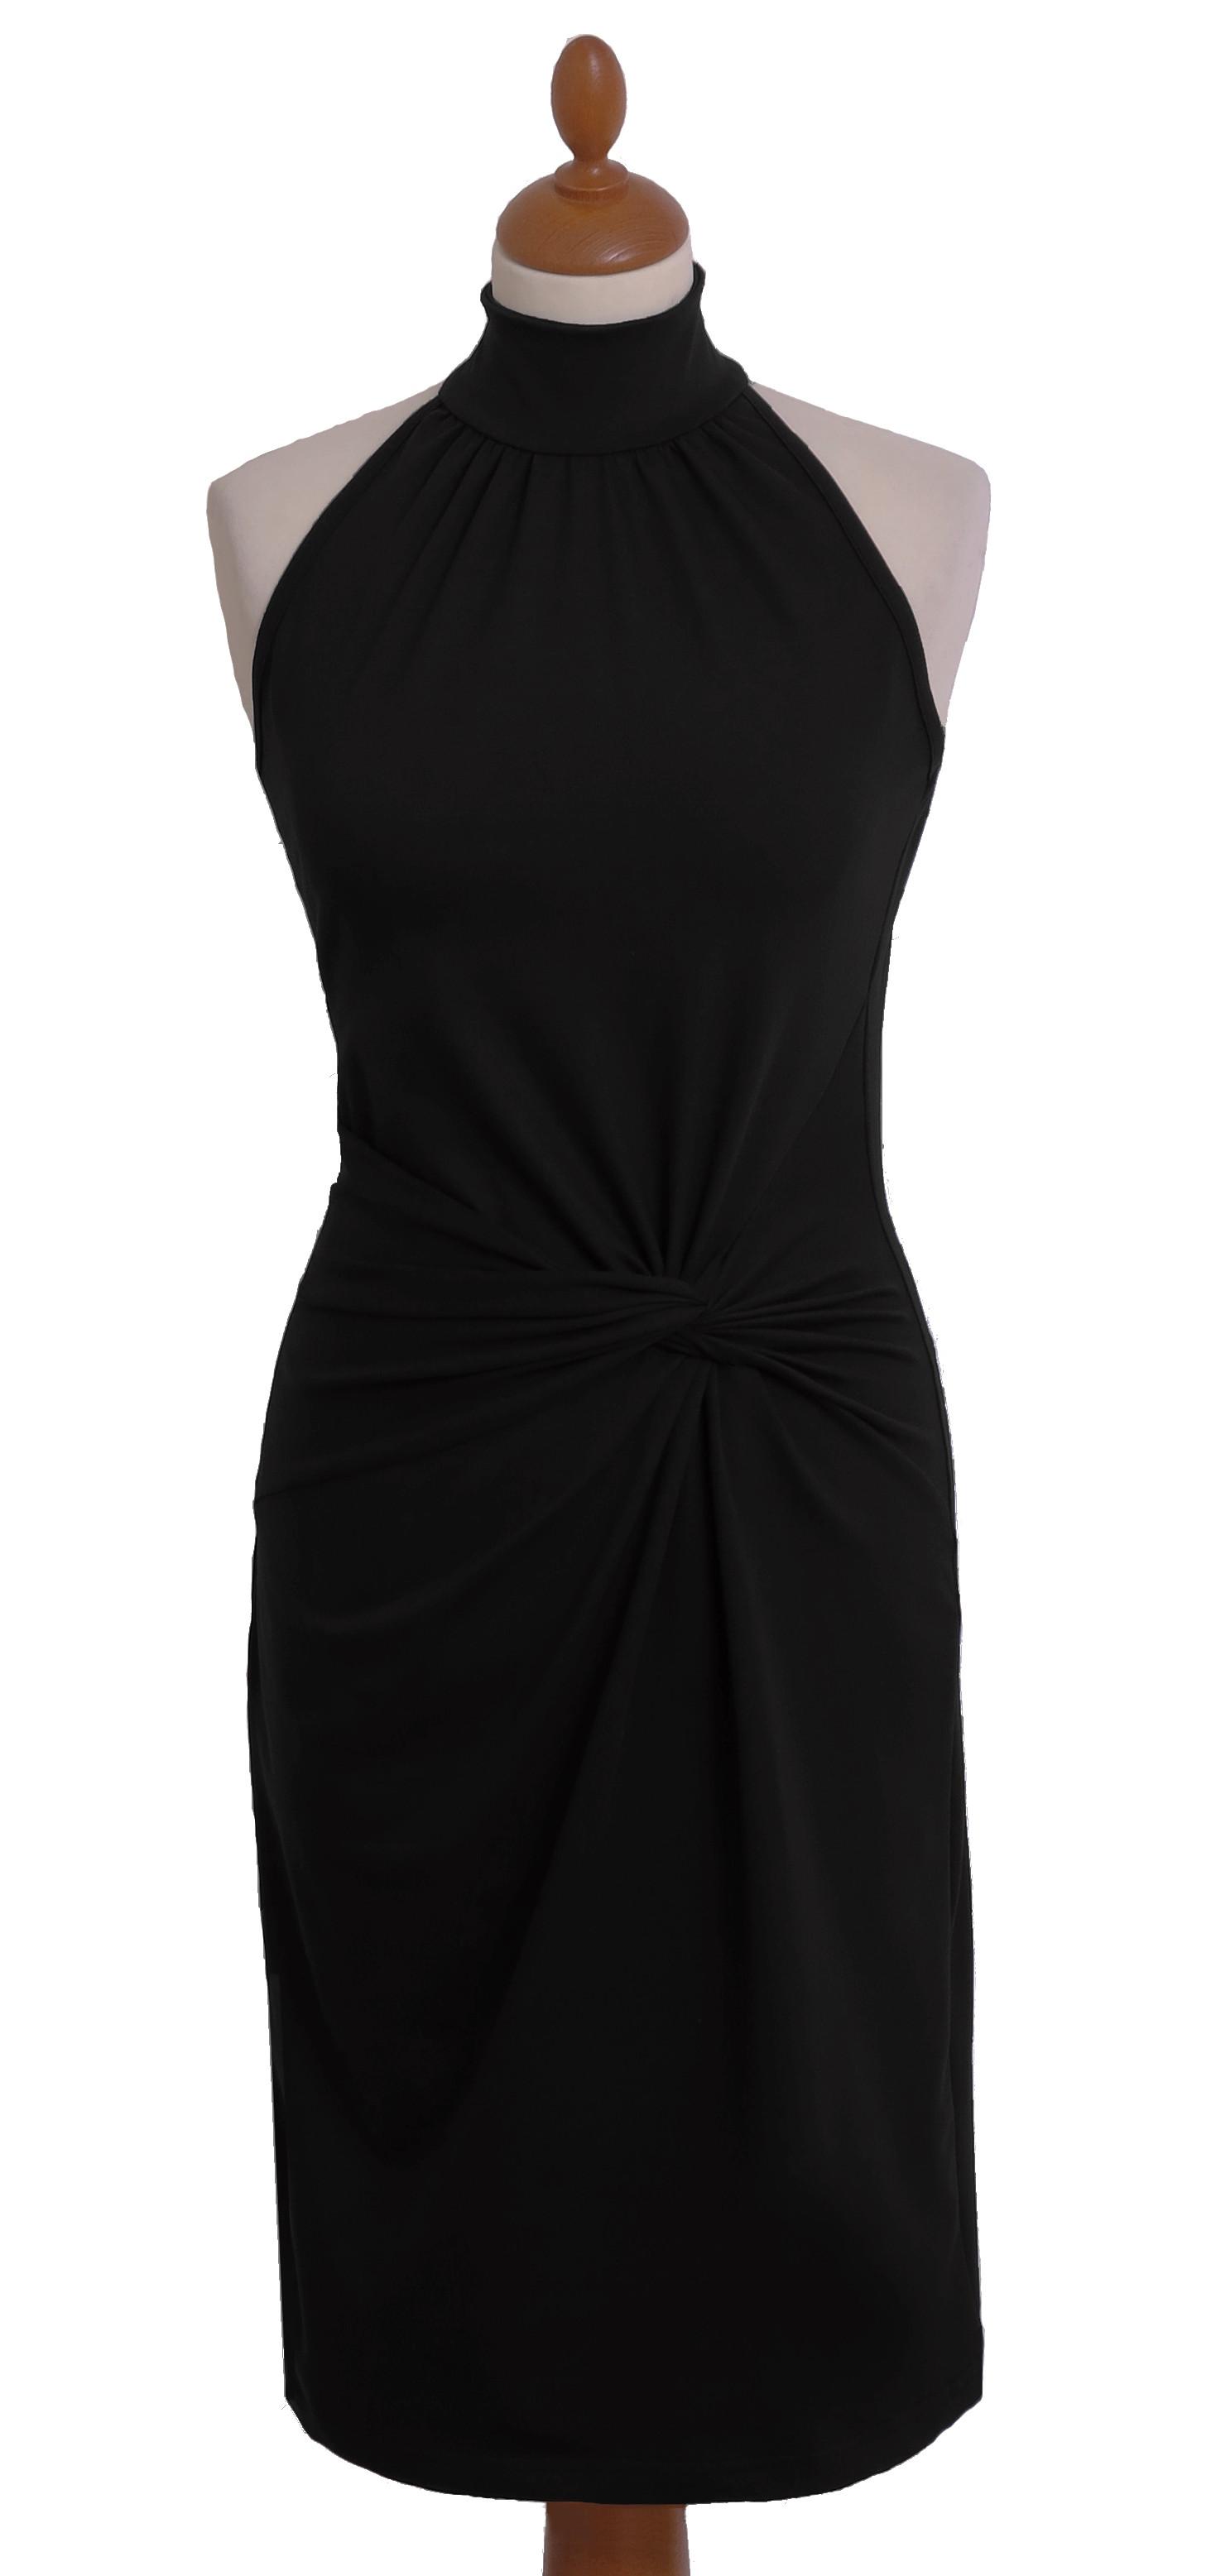 Kleid mit amerikanischen Schultern aus Bio Baumwolle - Naturmode